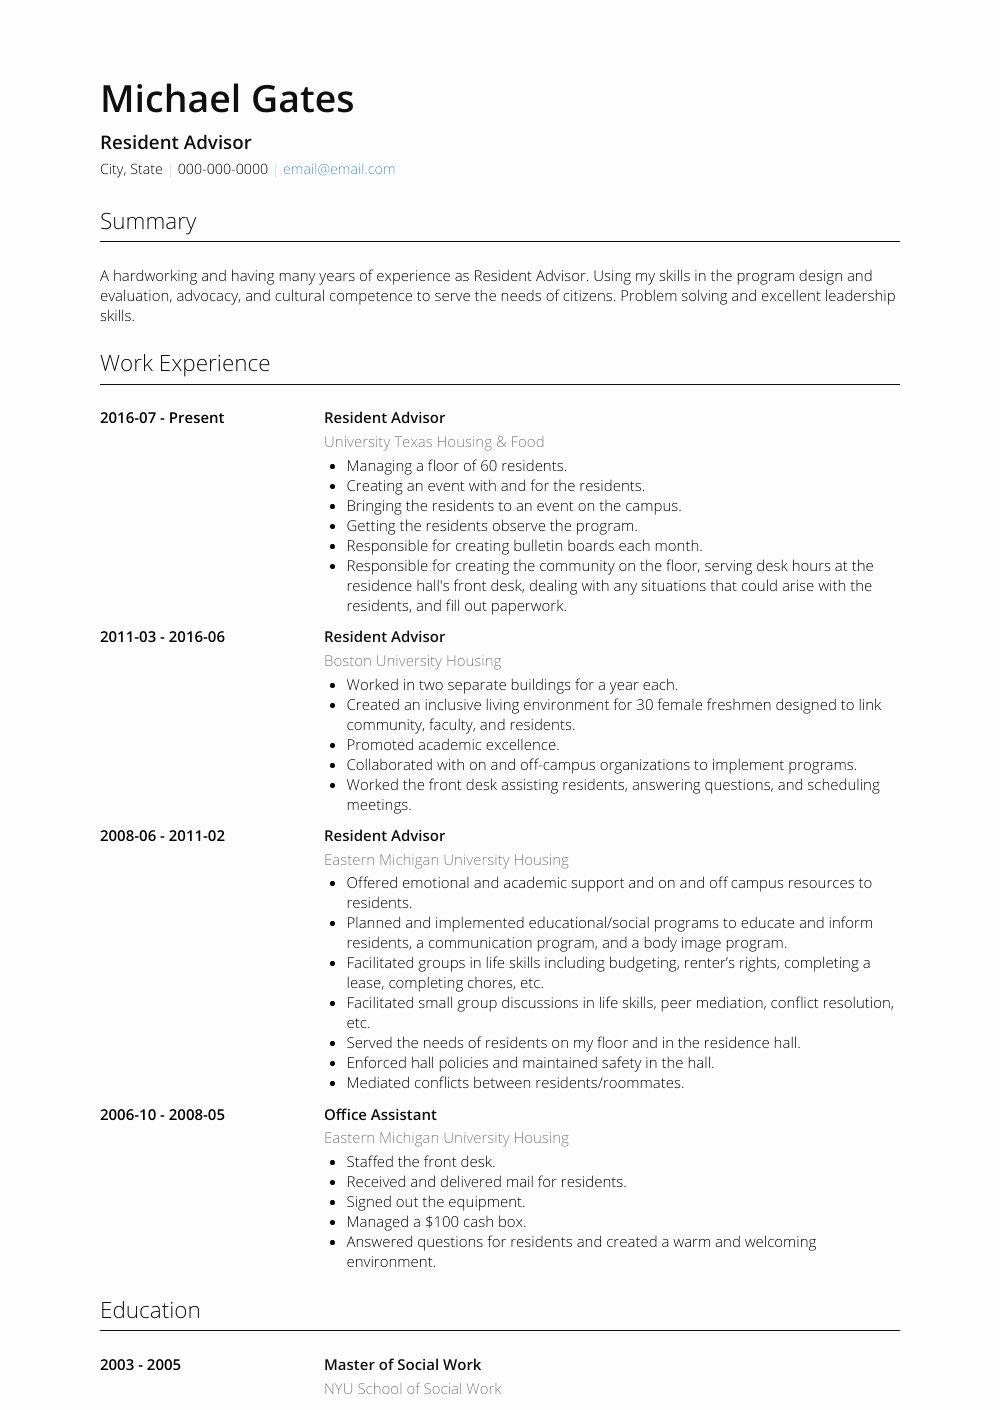 Resident assistant Job Description Resume Luxury Resident